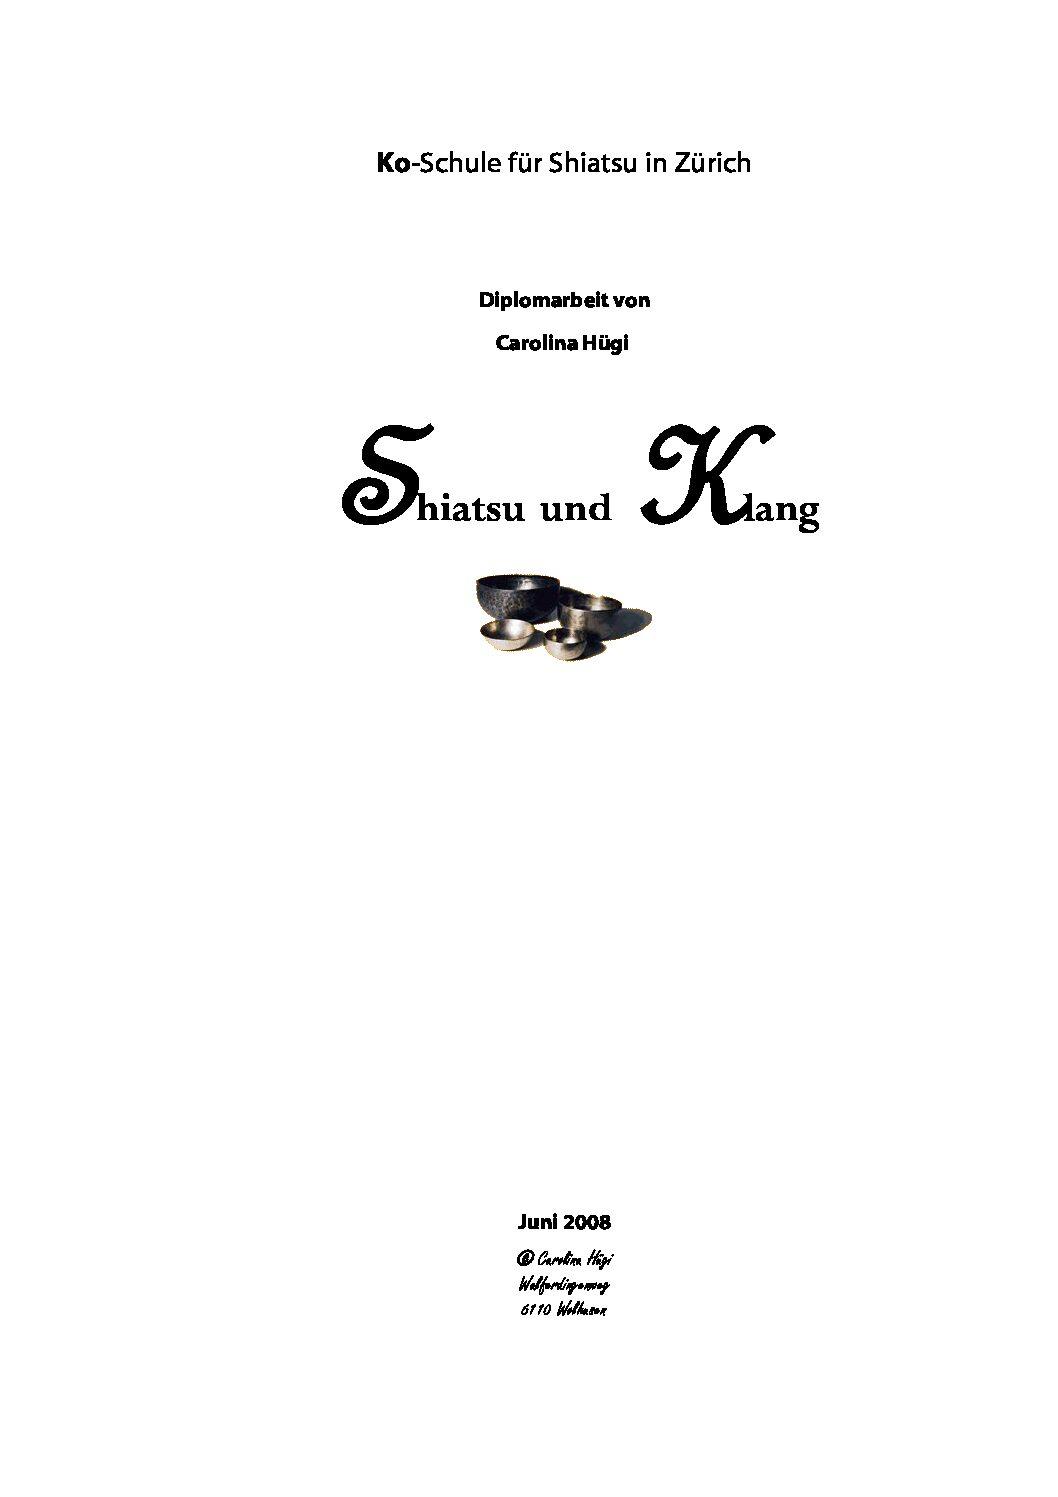 Shiatsu und Klang (2008, Carolina Hügi)